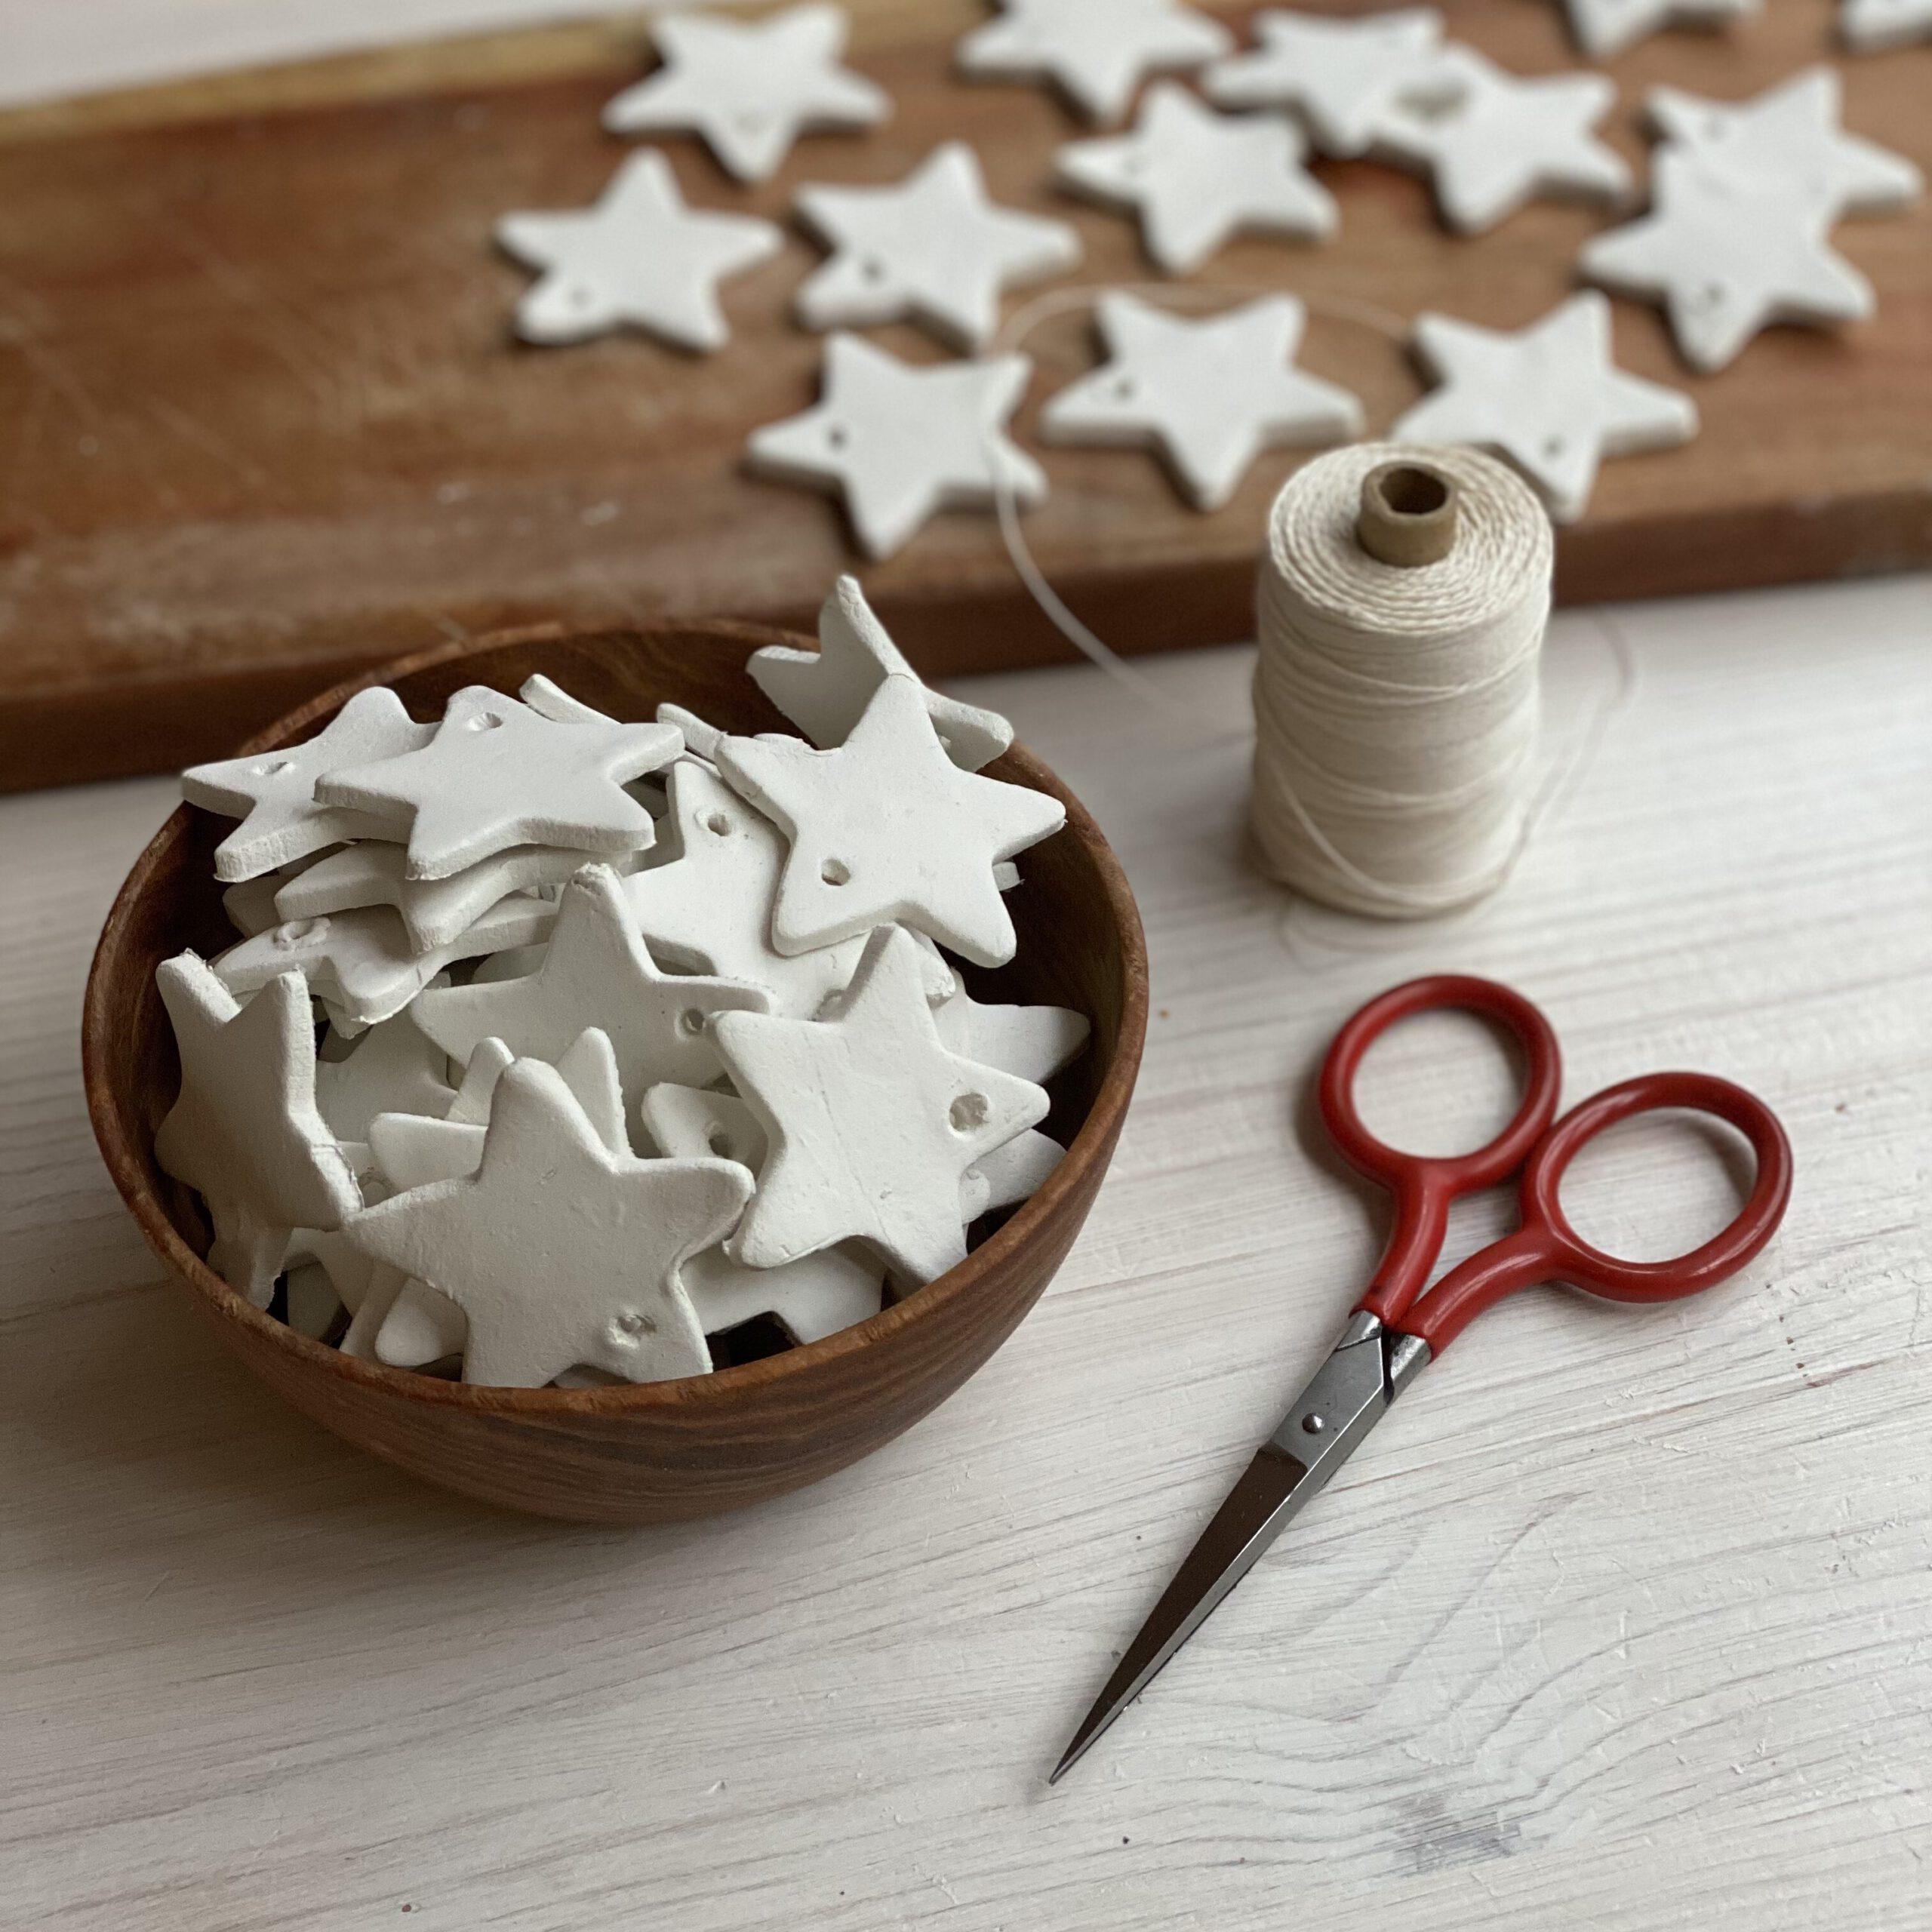 Holz-Schale mit ca. 30 weißen Sternen, rote kleine Schere, Zwirnspule und Brett mit trocknenden Sternen